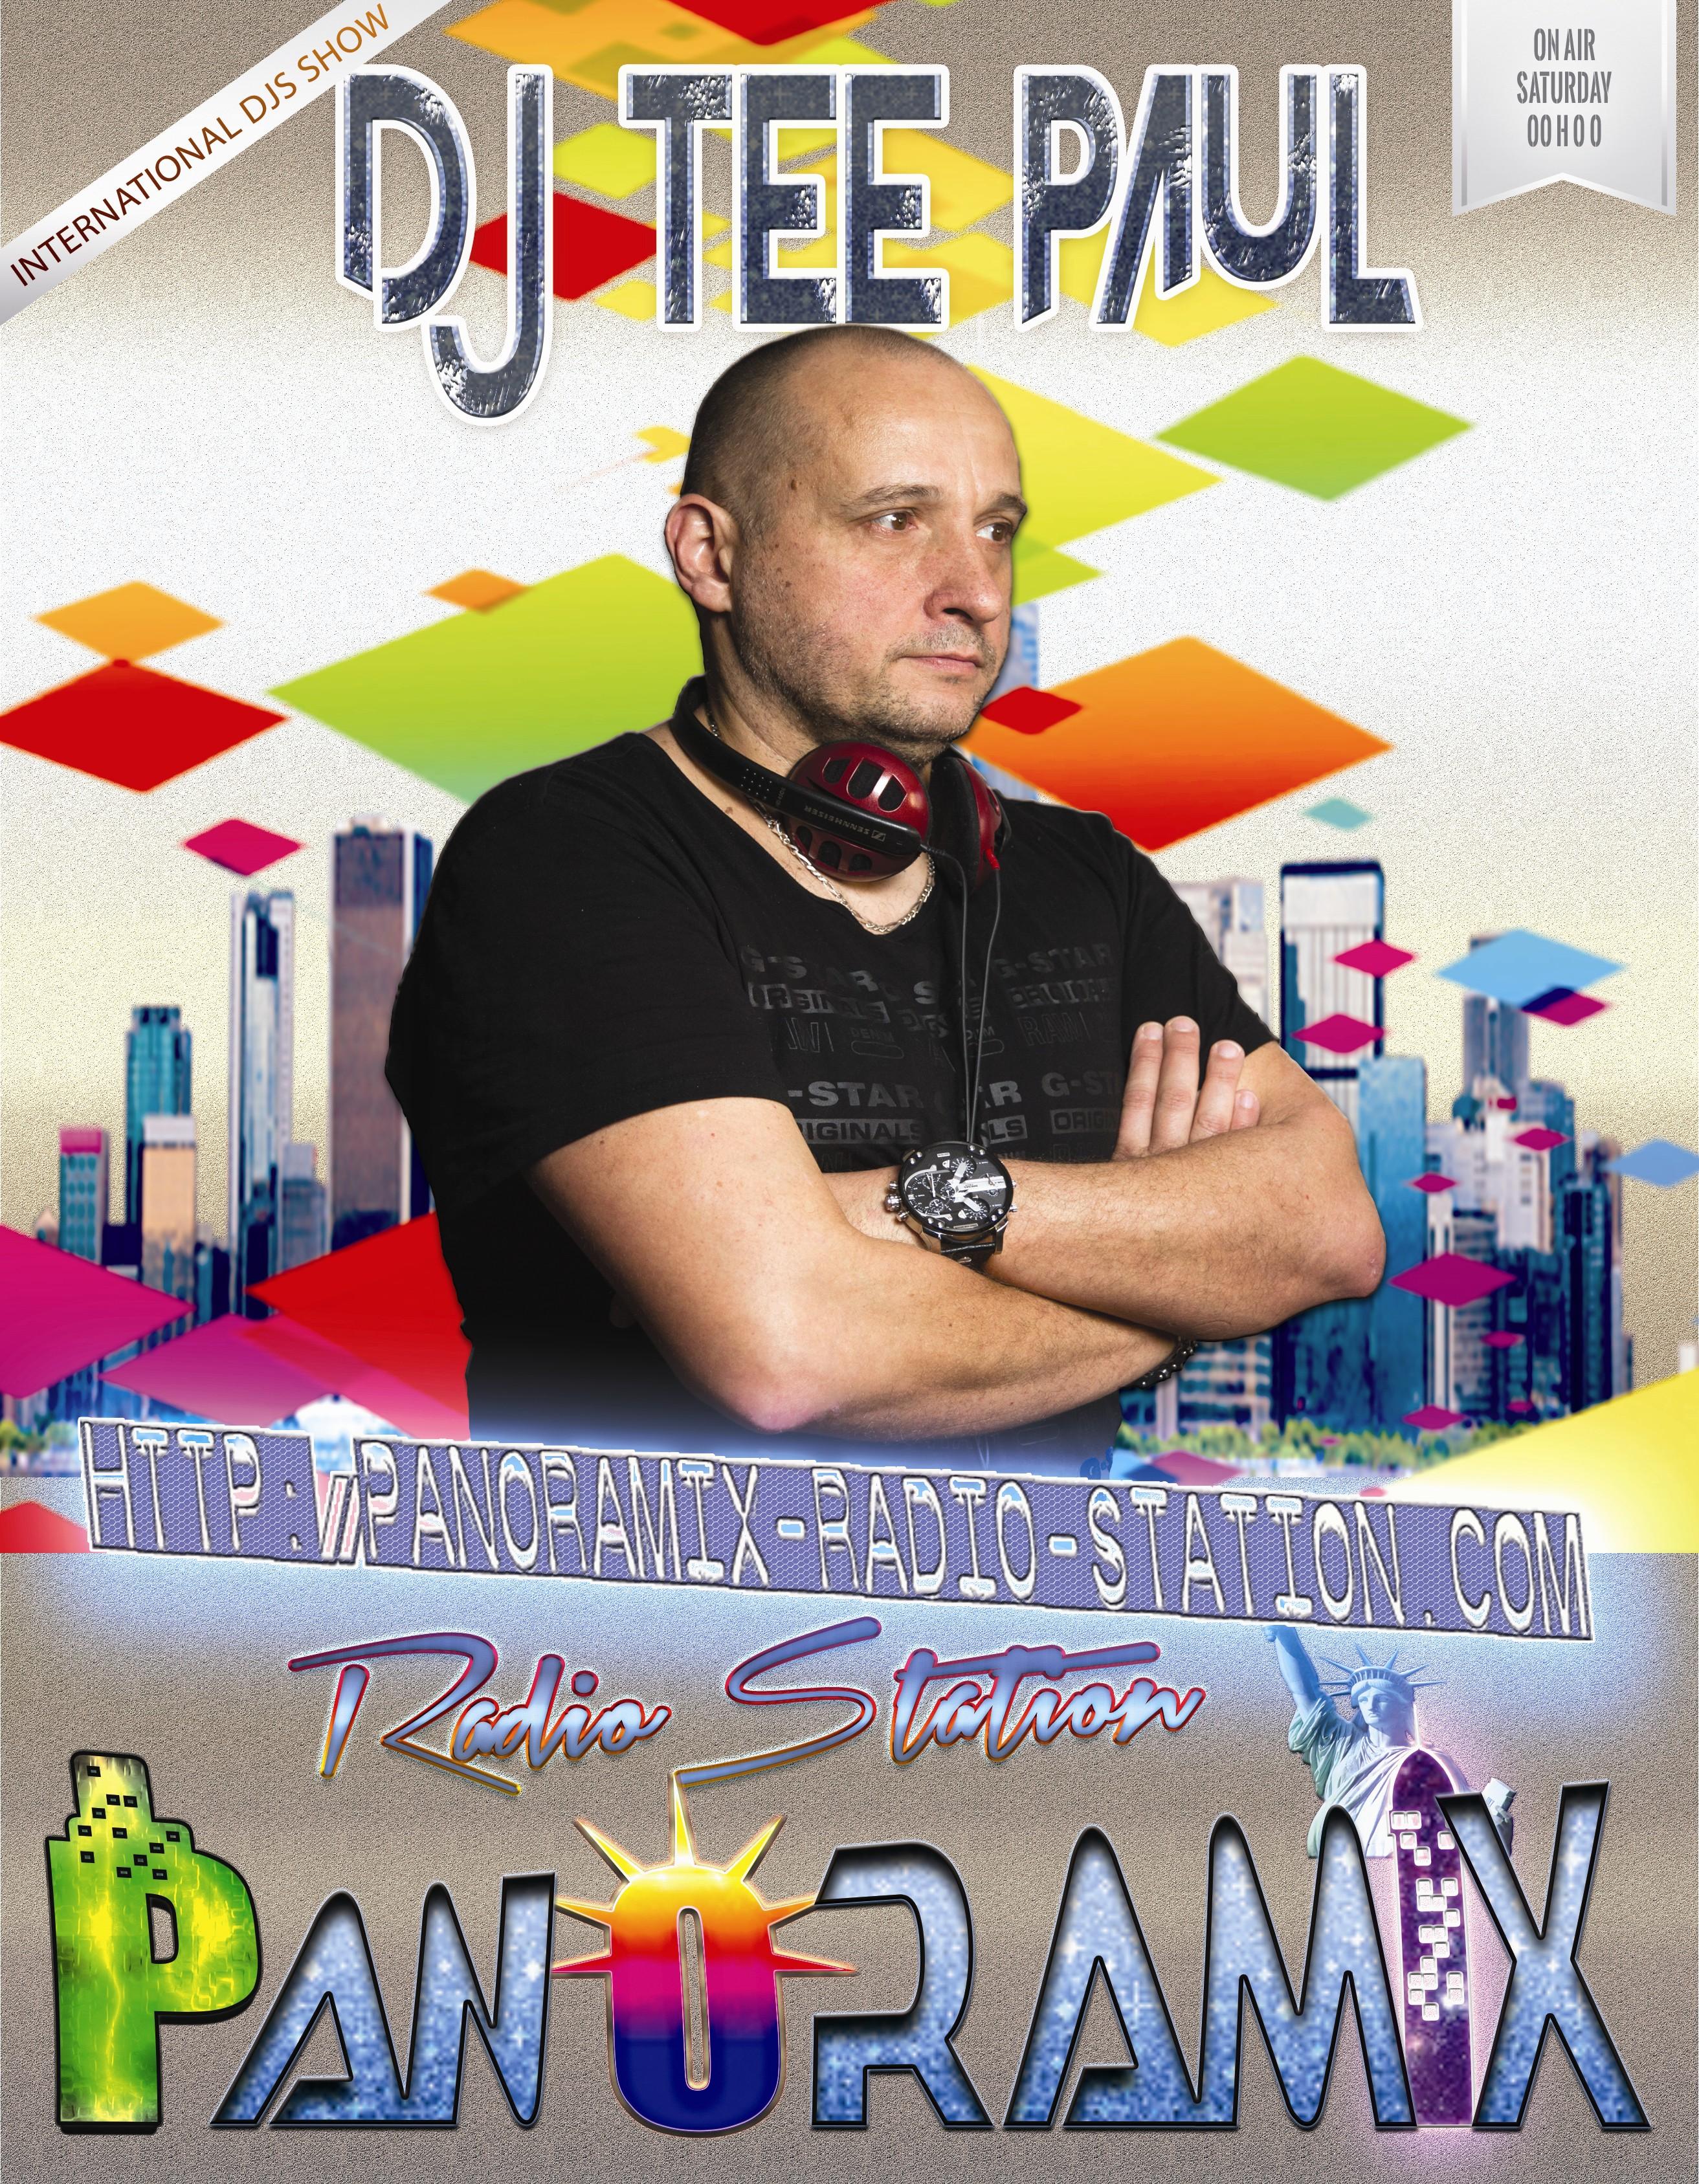 https://panoramix-radio-station.com/wp-content/uploads/2018/04/DJ-TEE-PAUL-PANORAMIX-1-1.jpg